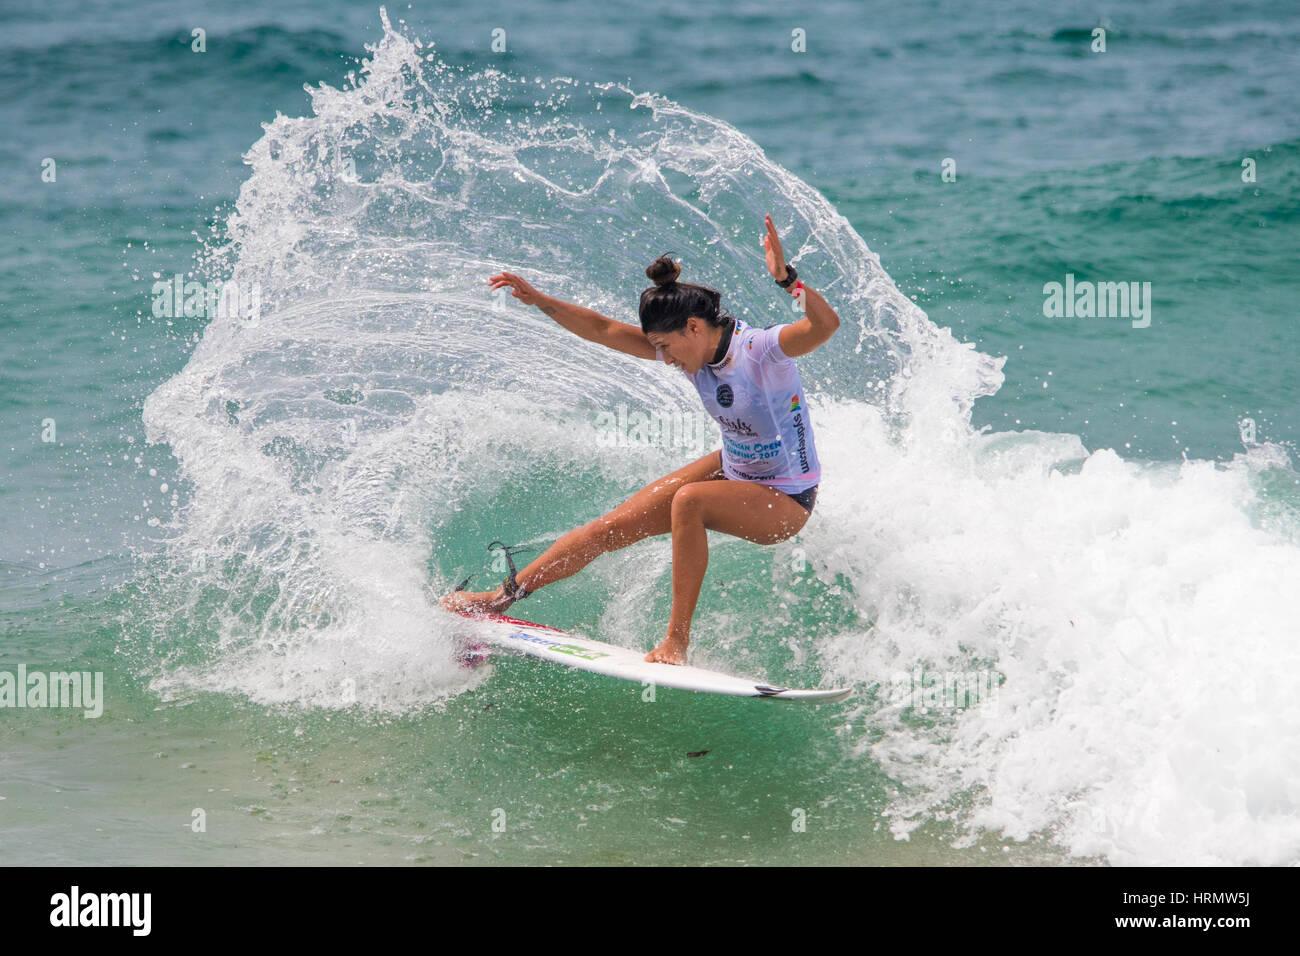 Sydney, Australia - 3 de marzo 2017: El Abierto de Australia de surf evento deportivo en Manly Beach, Australia Imagen De Stock